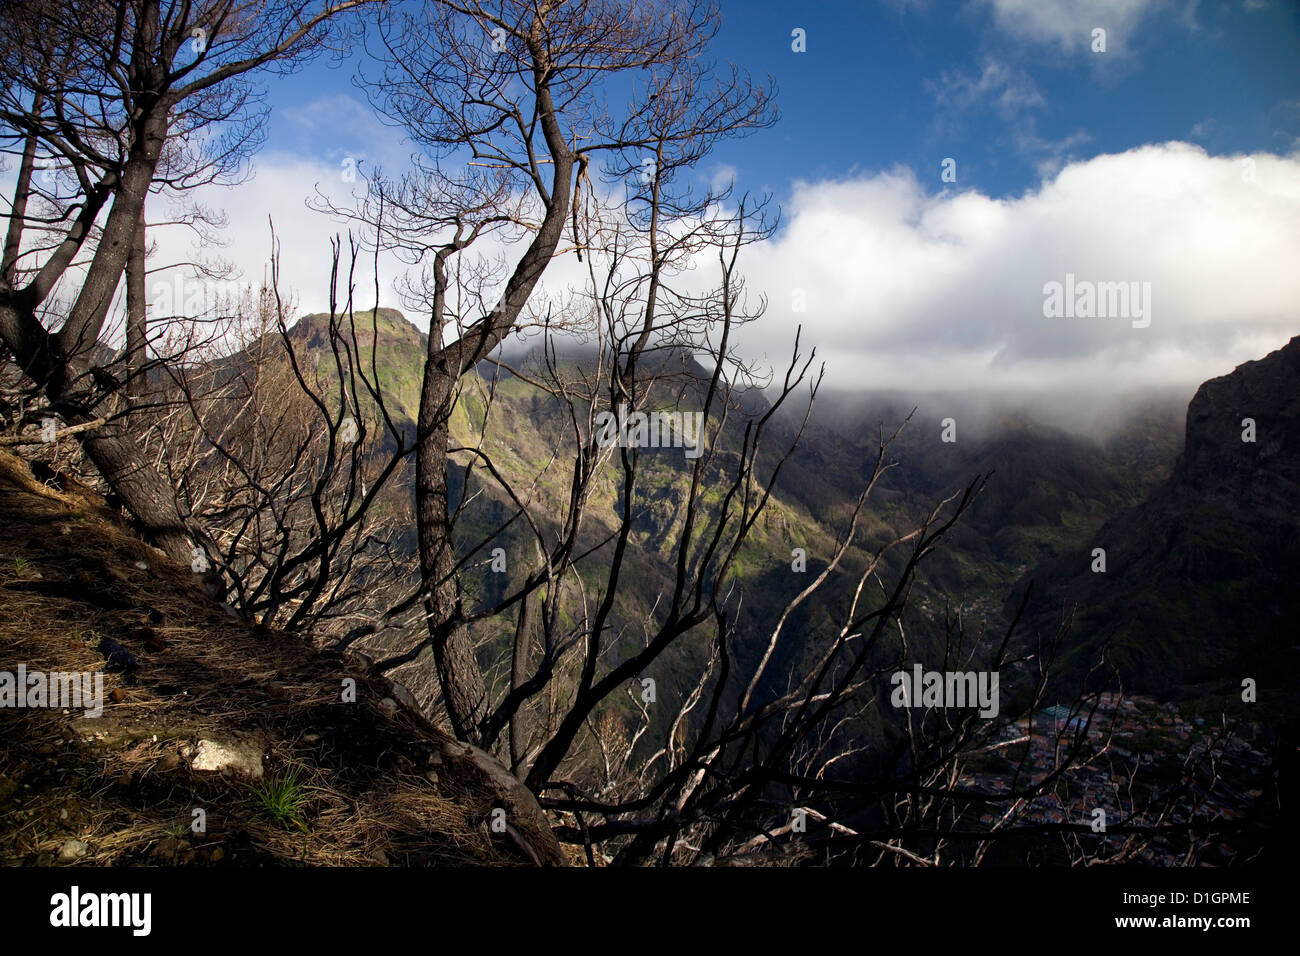 Eira do Serrado, with a view to Nun's Valley & the village of Curral das Freiras, Maderia, Portugal. - Stock Image